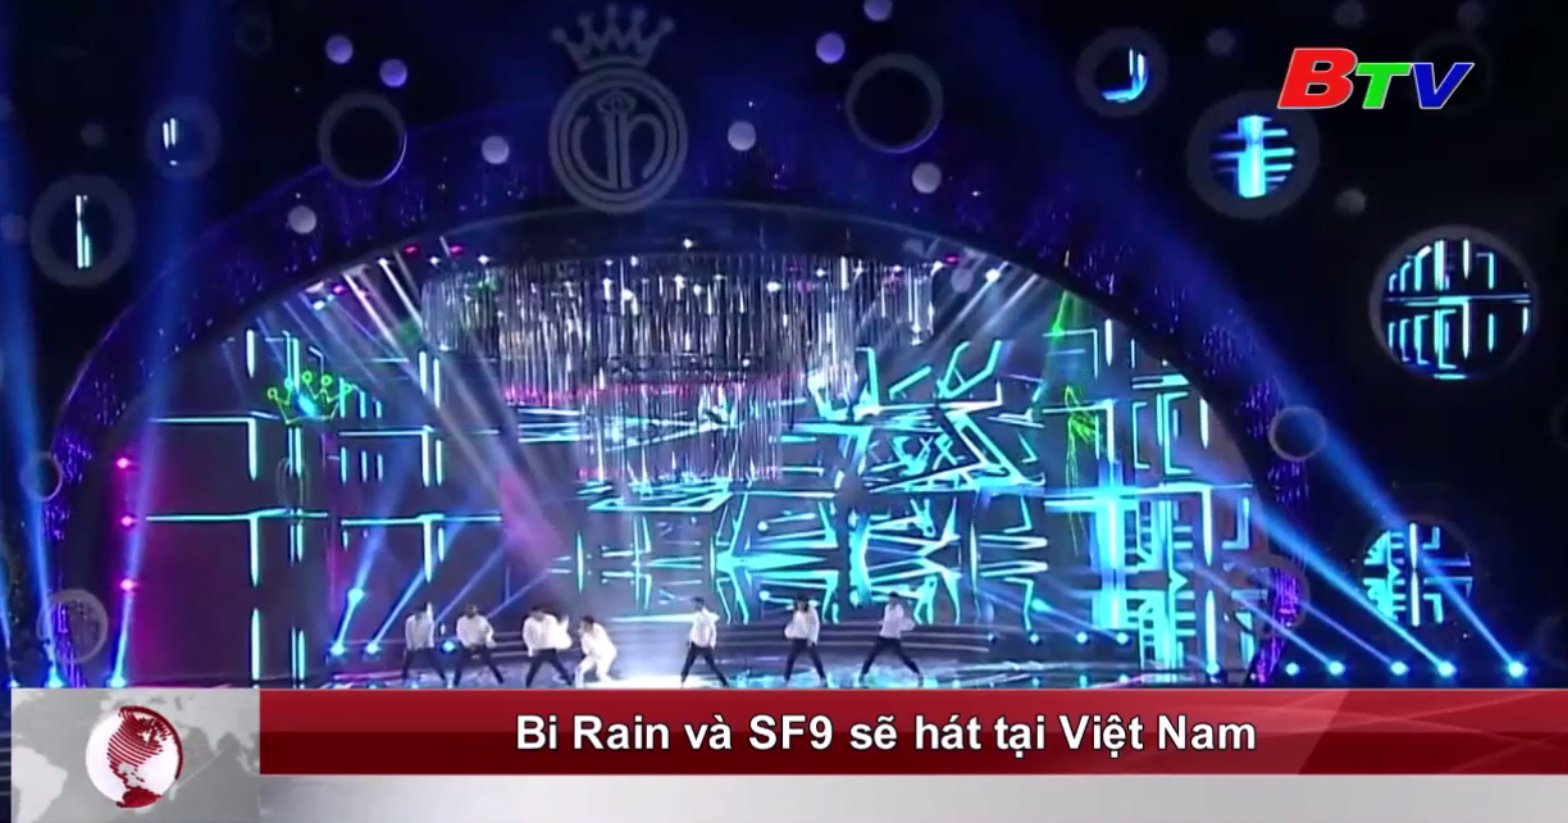 Bi Rain và SF9 sẽ hát tại Việt Nam